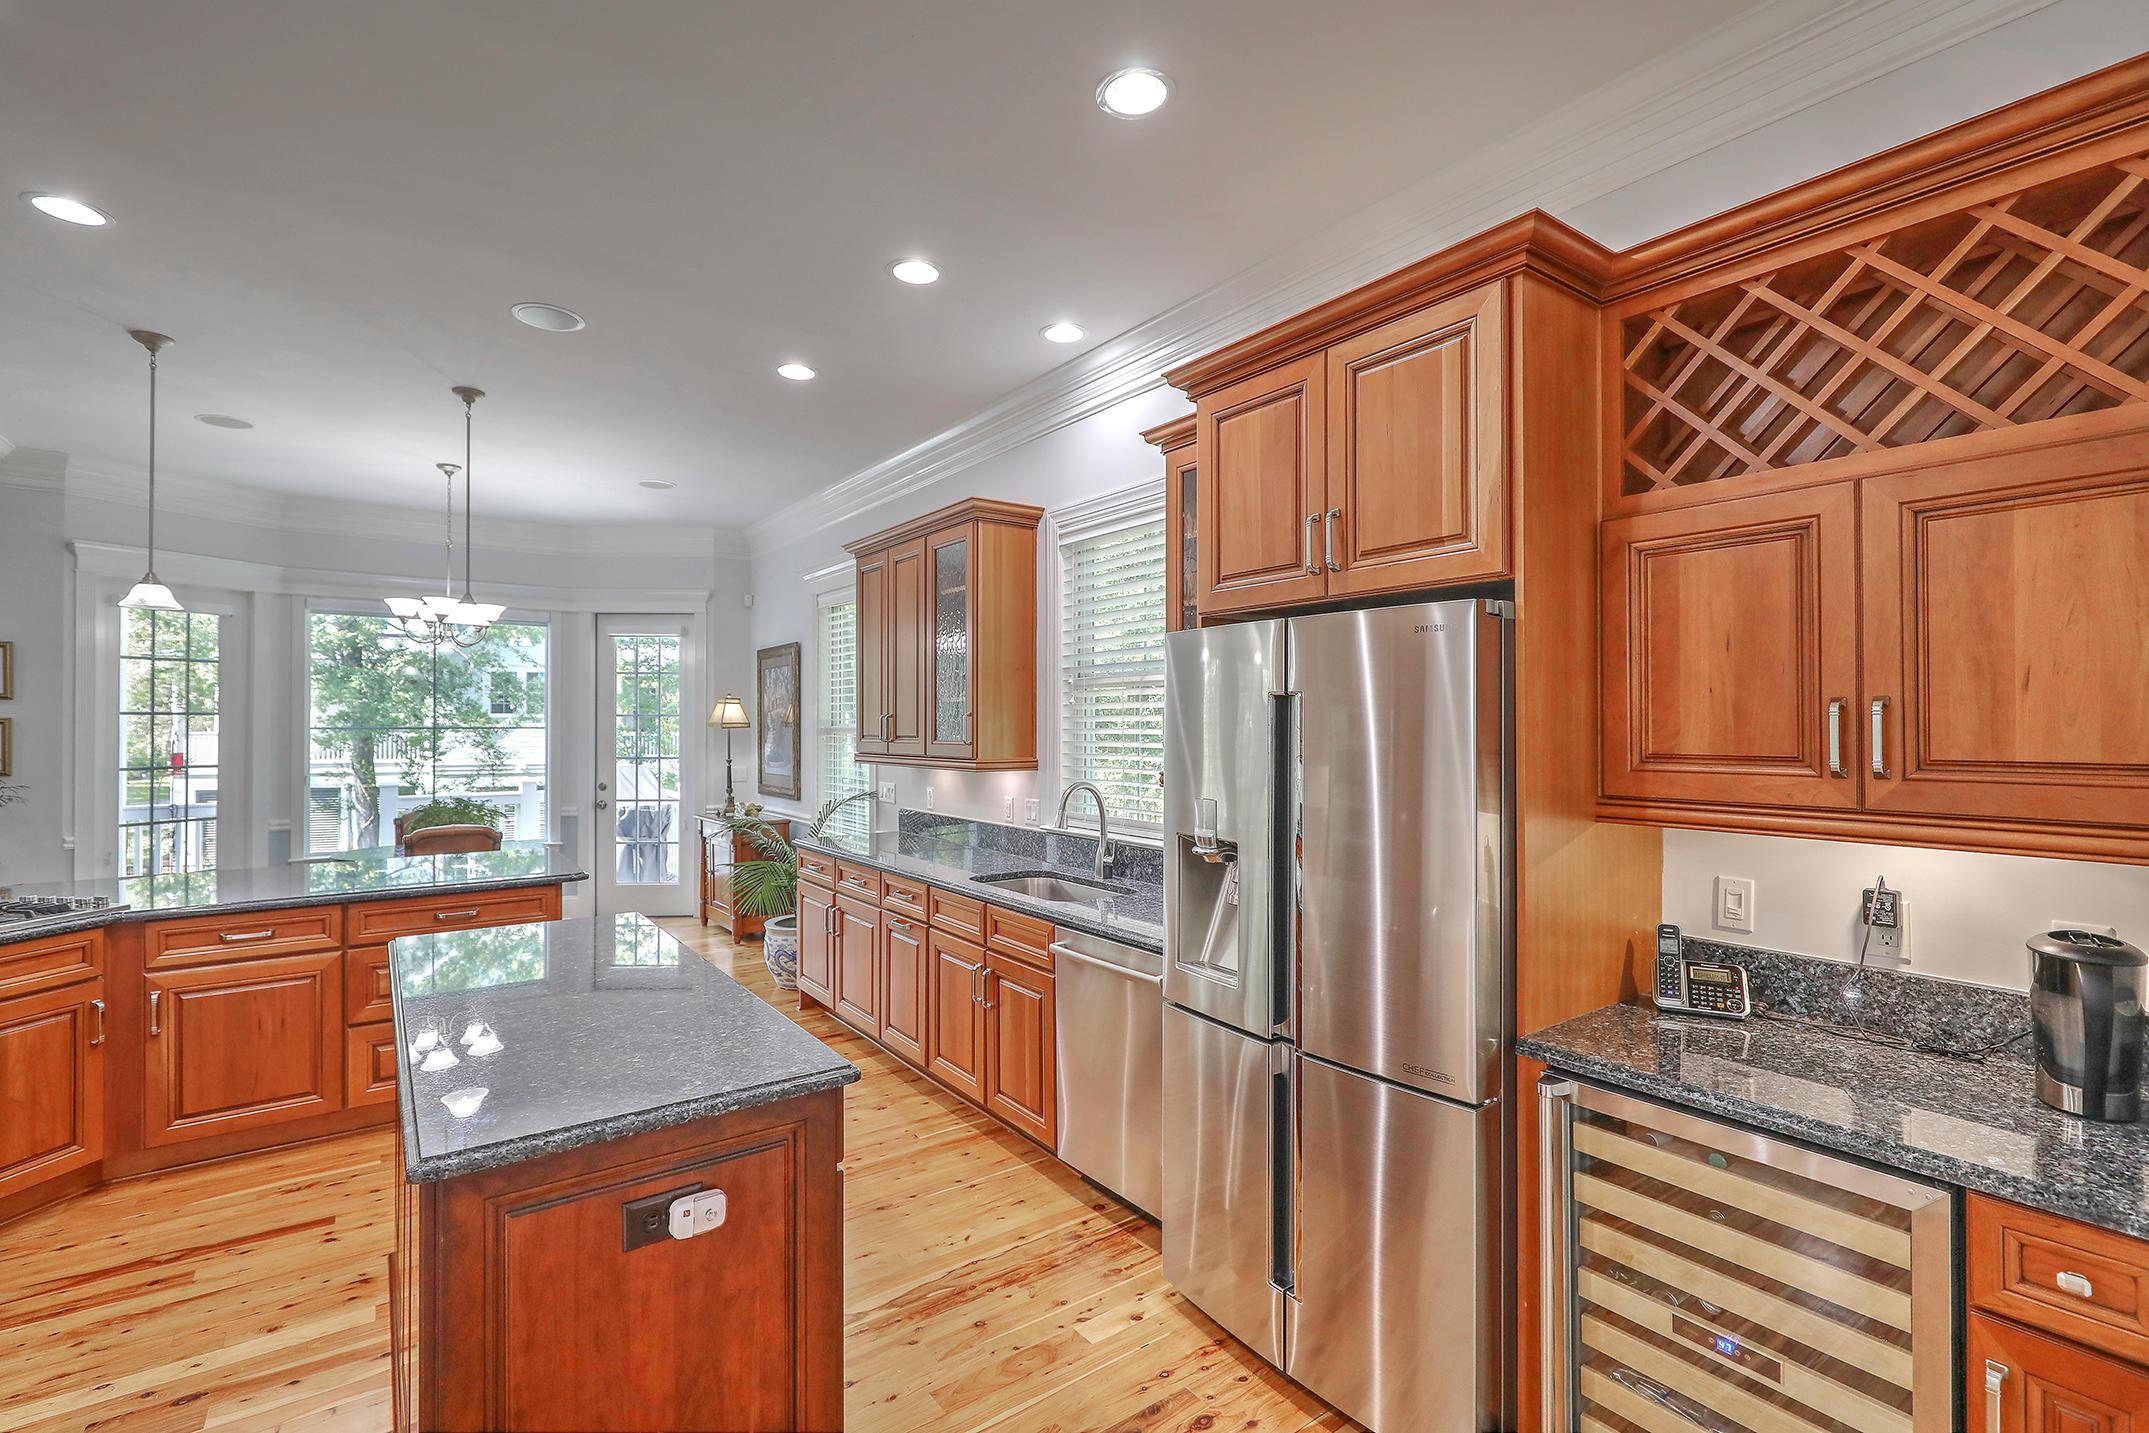 Park West Homes For Sale - 2108 Malcolm, Mount Pleasant, SC - 32